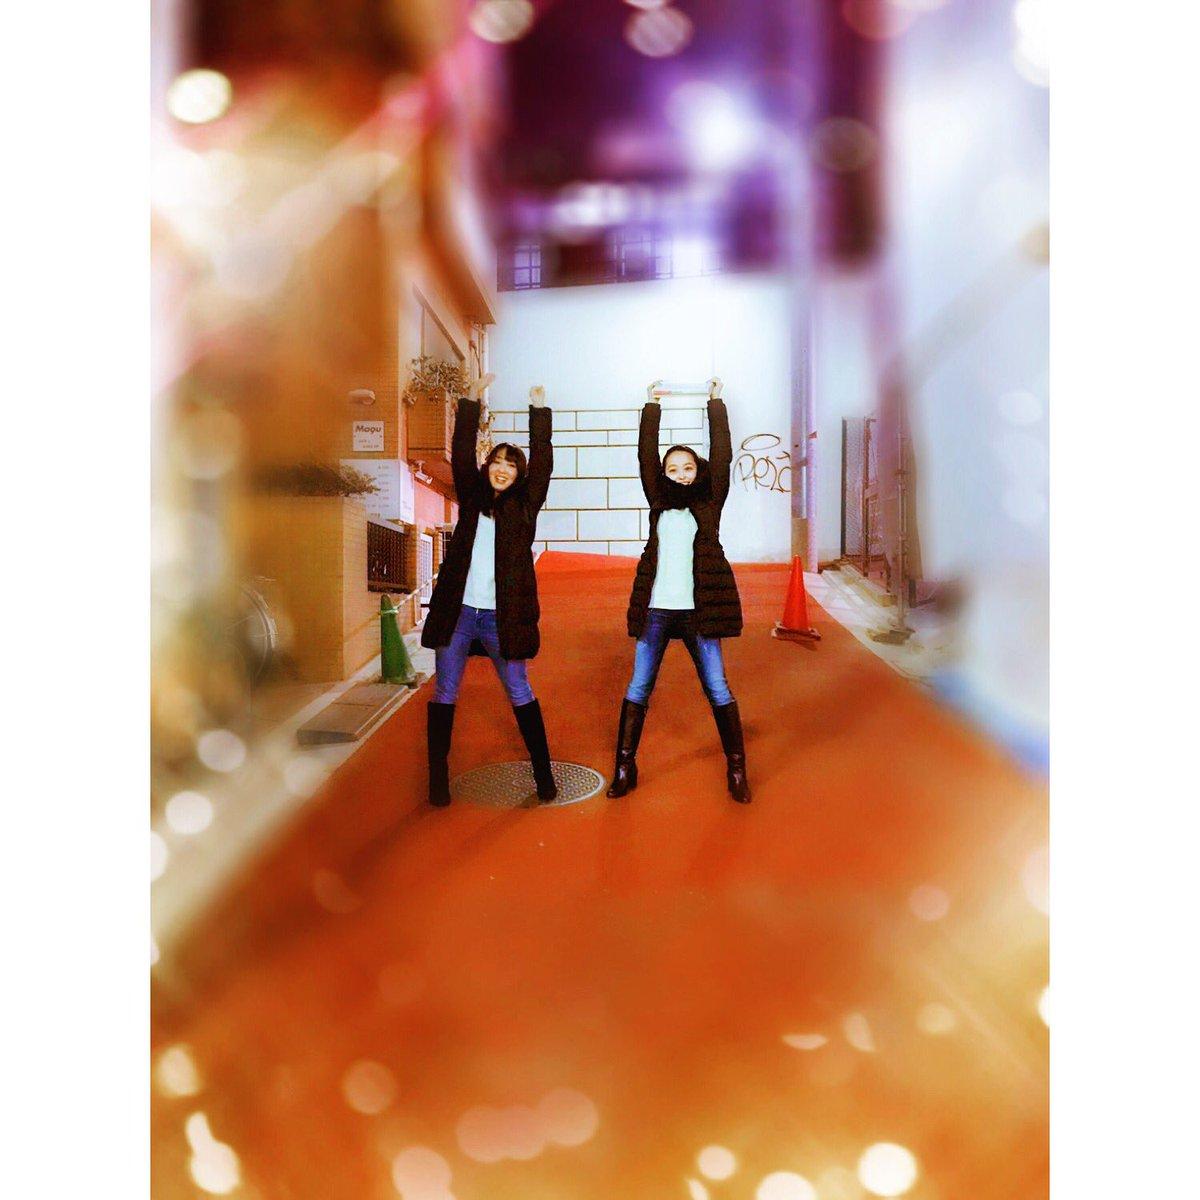 アメブロ【めぐはん の にっき】更新あけまして『リトルウィッチアカデミア』!⇒写真は、ダイアナ役の日笠陽子さんと!ペアル